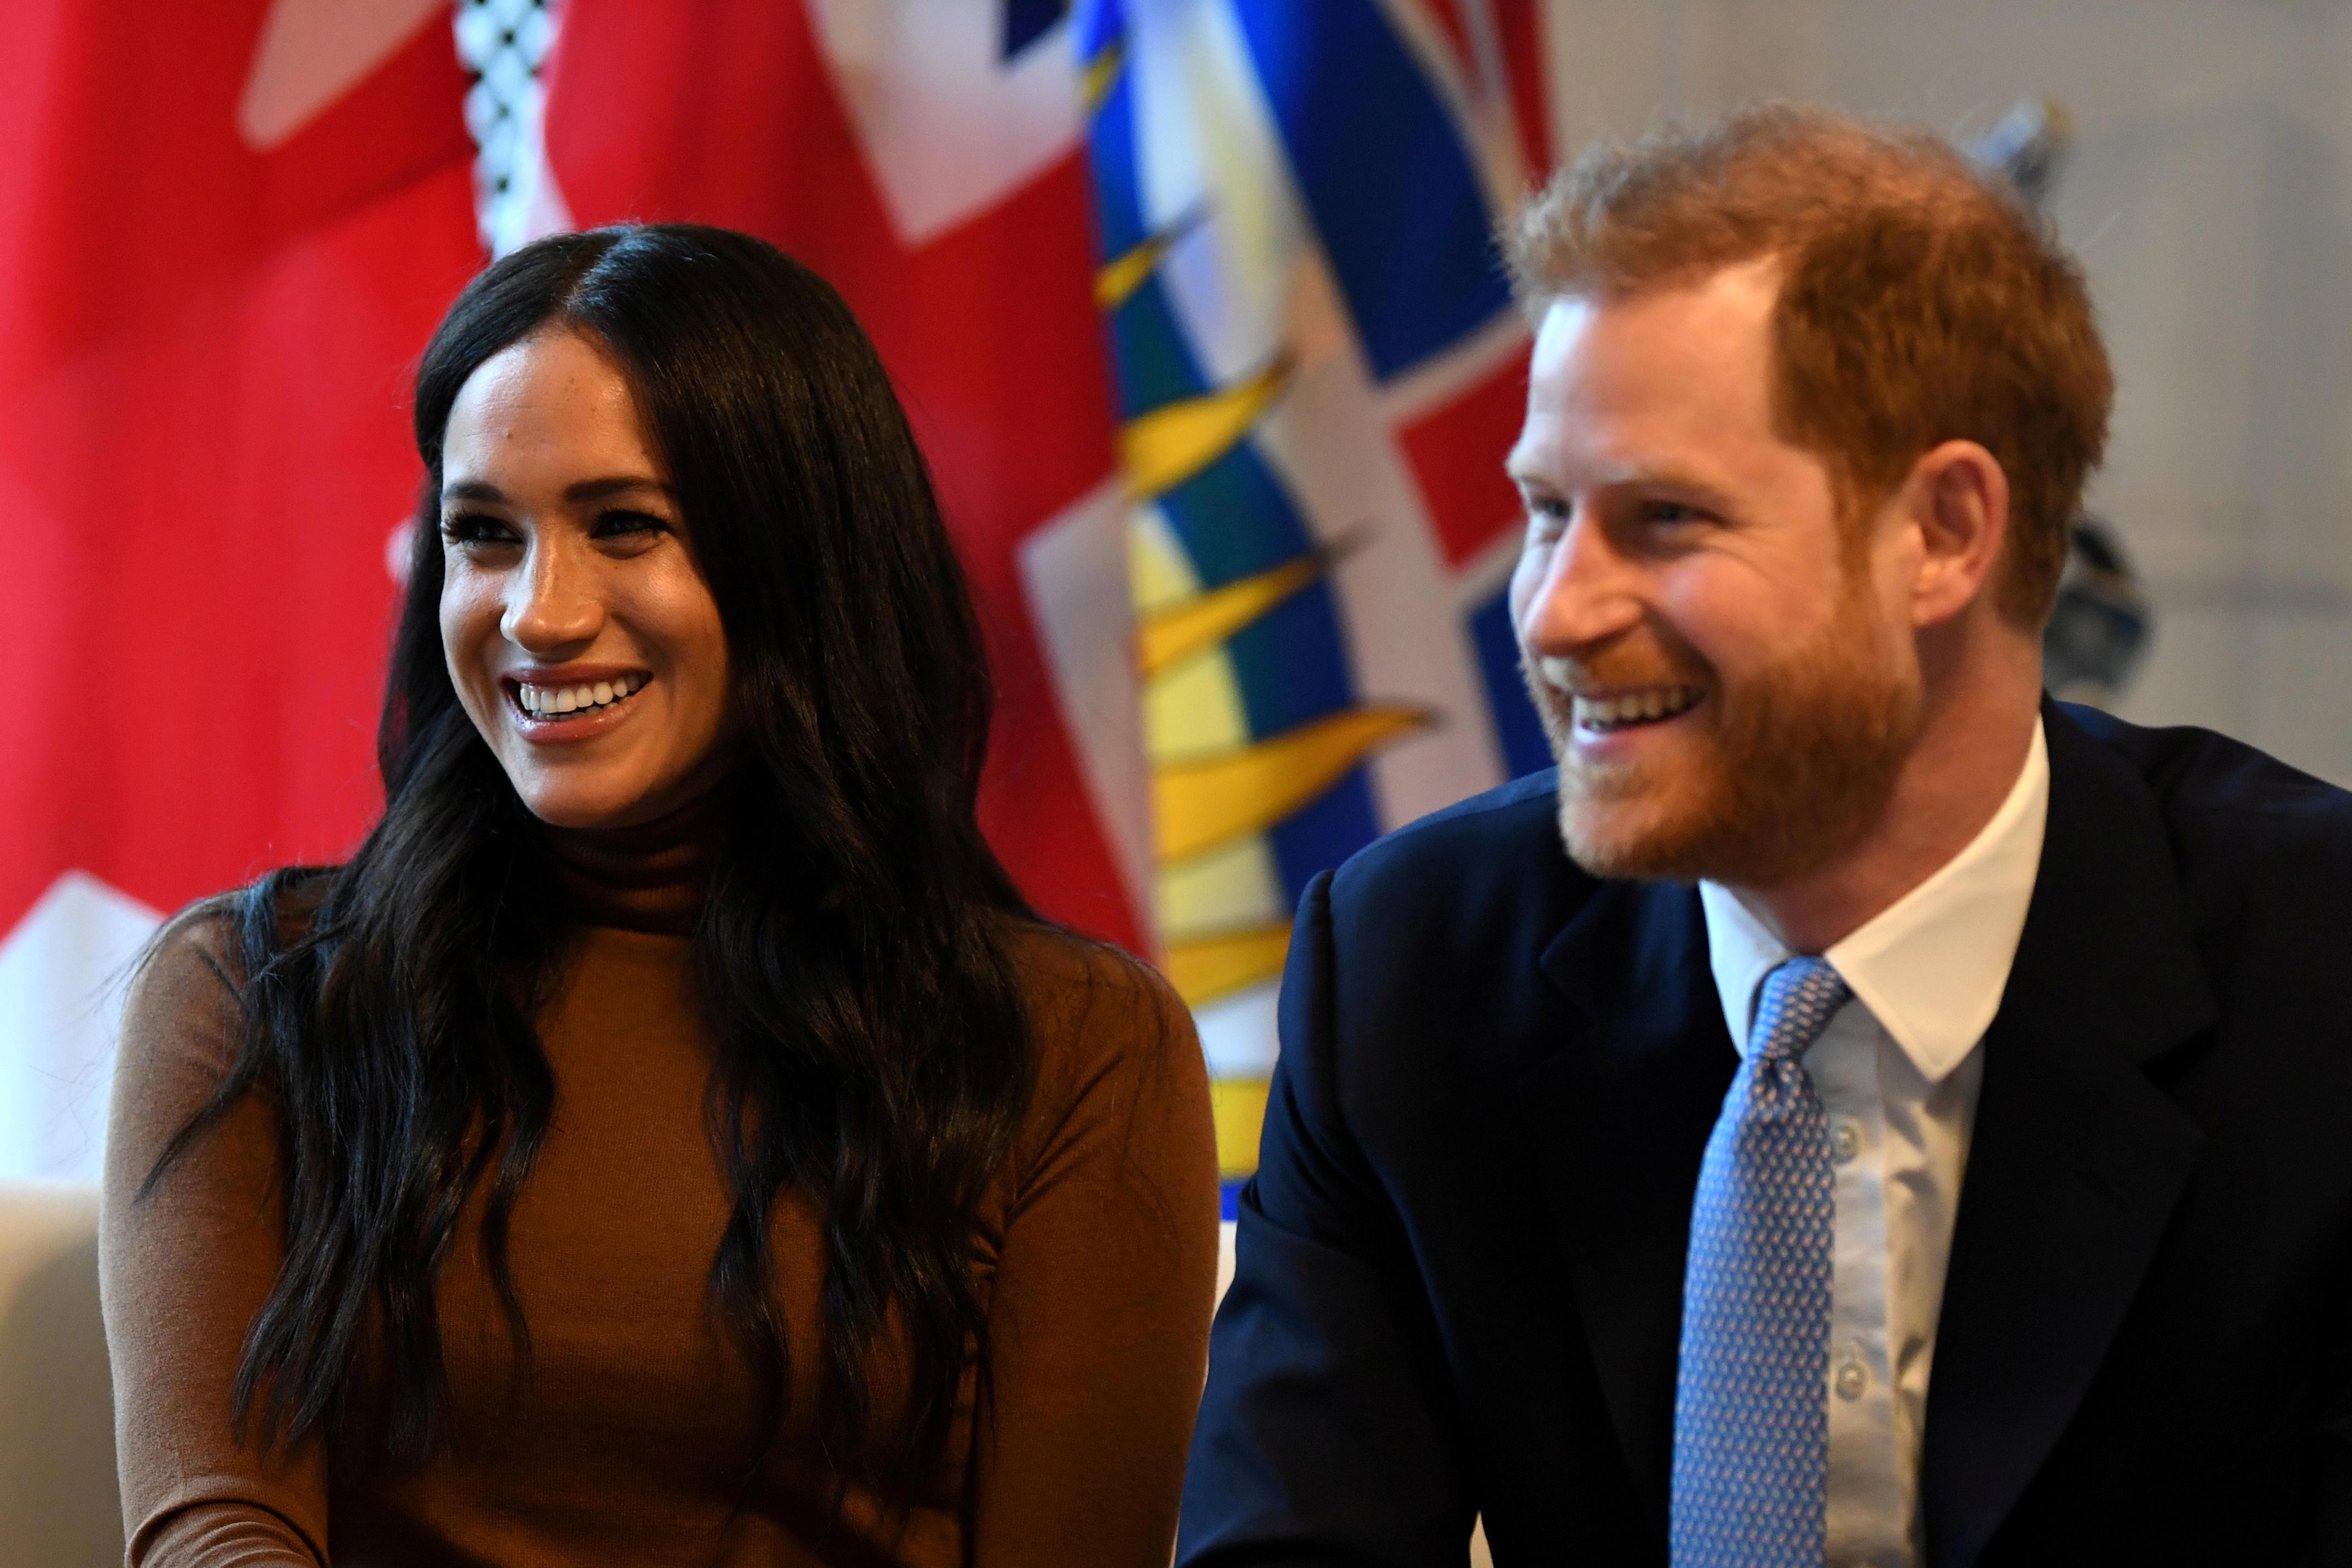 Δεν... θα μείνουν άνεργα τα παιδιά - Πρόταση του Netflix σε Πρίγκιπα Χάρι και Μέγκαν Μαρκλ!